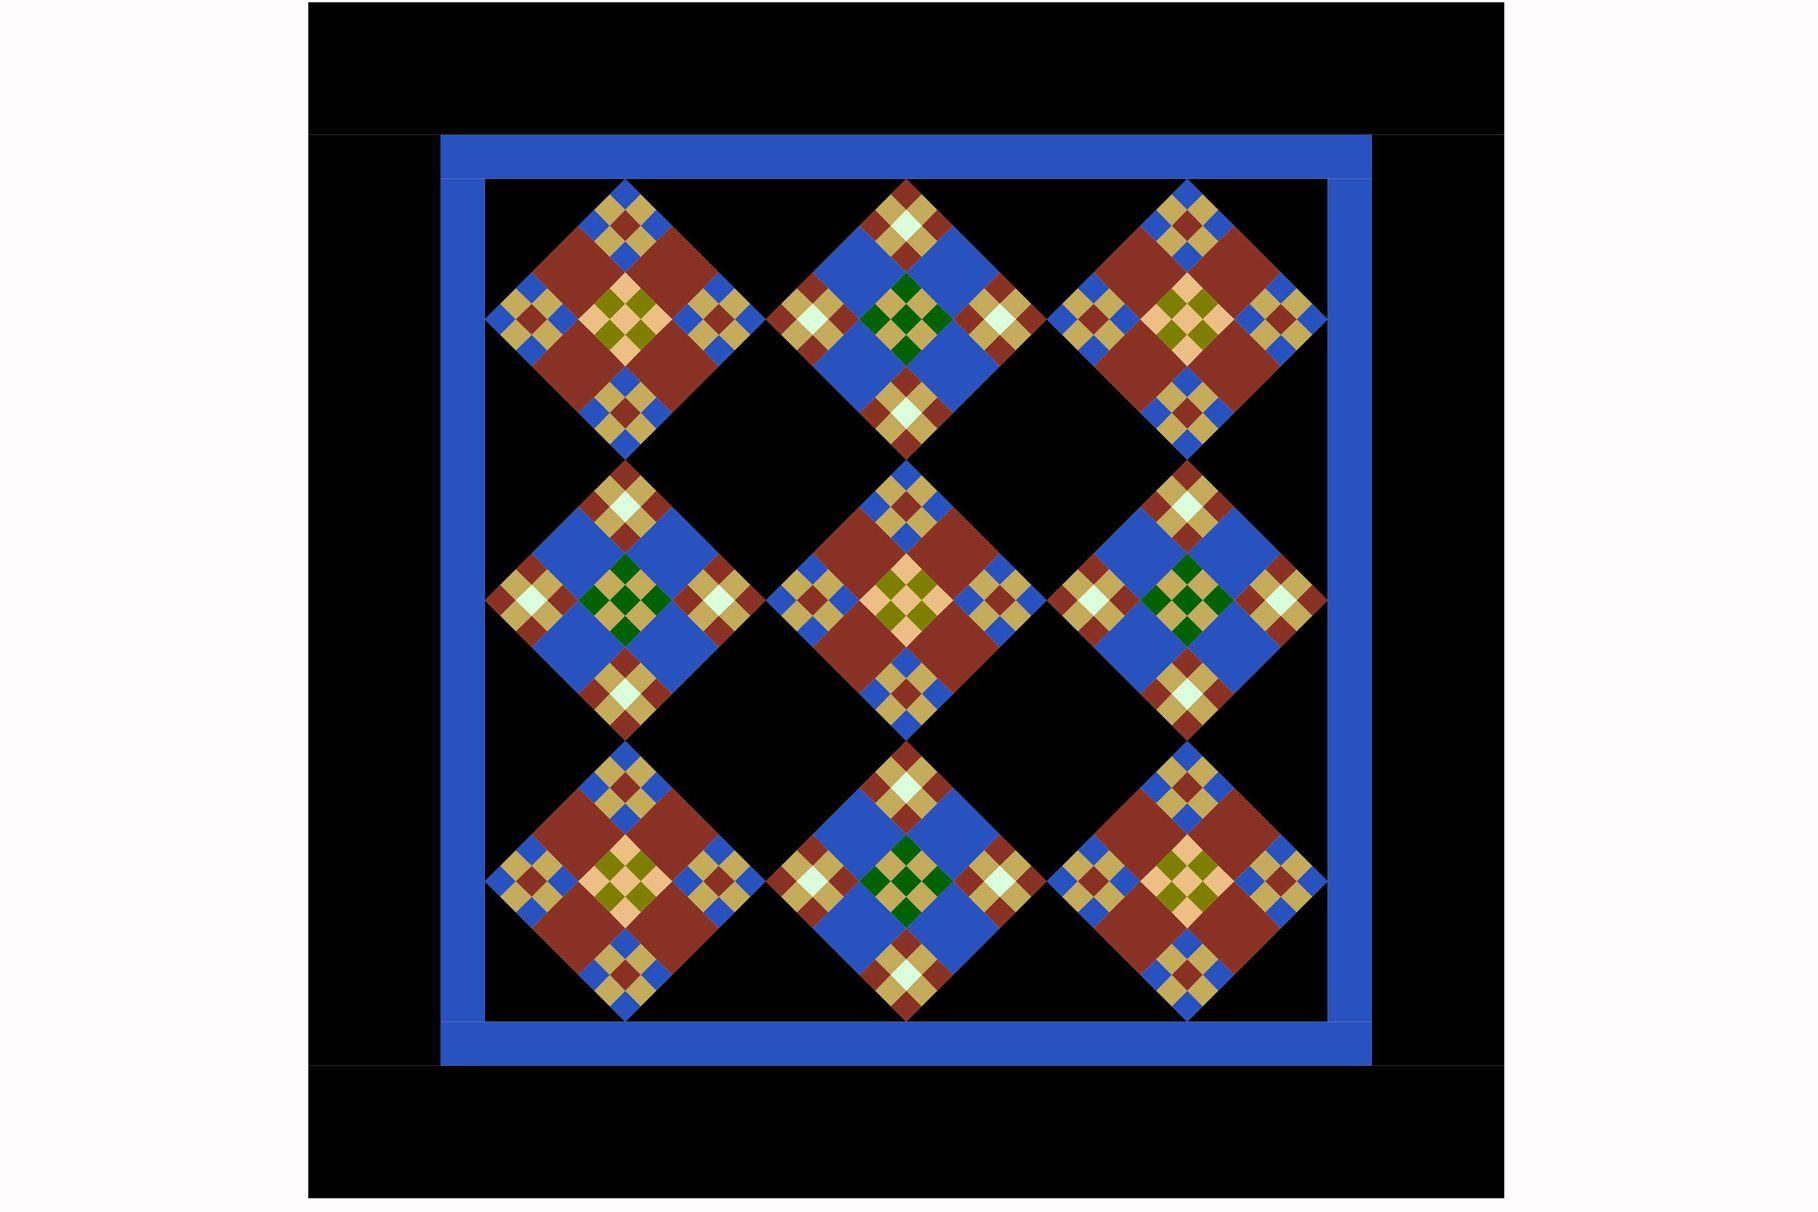 Miniature Double Nine Patch Quilt